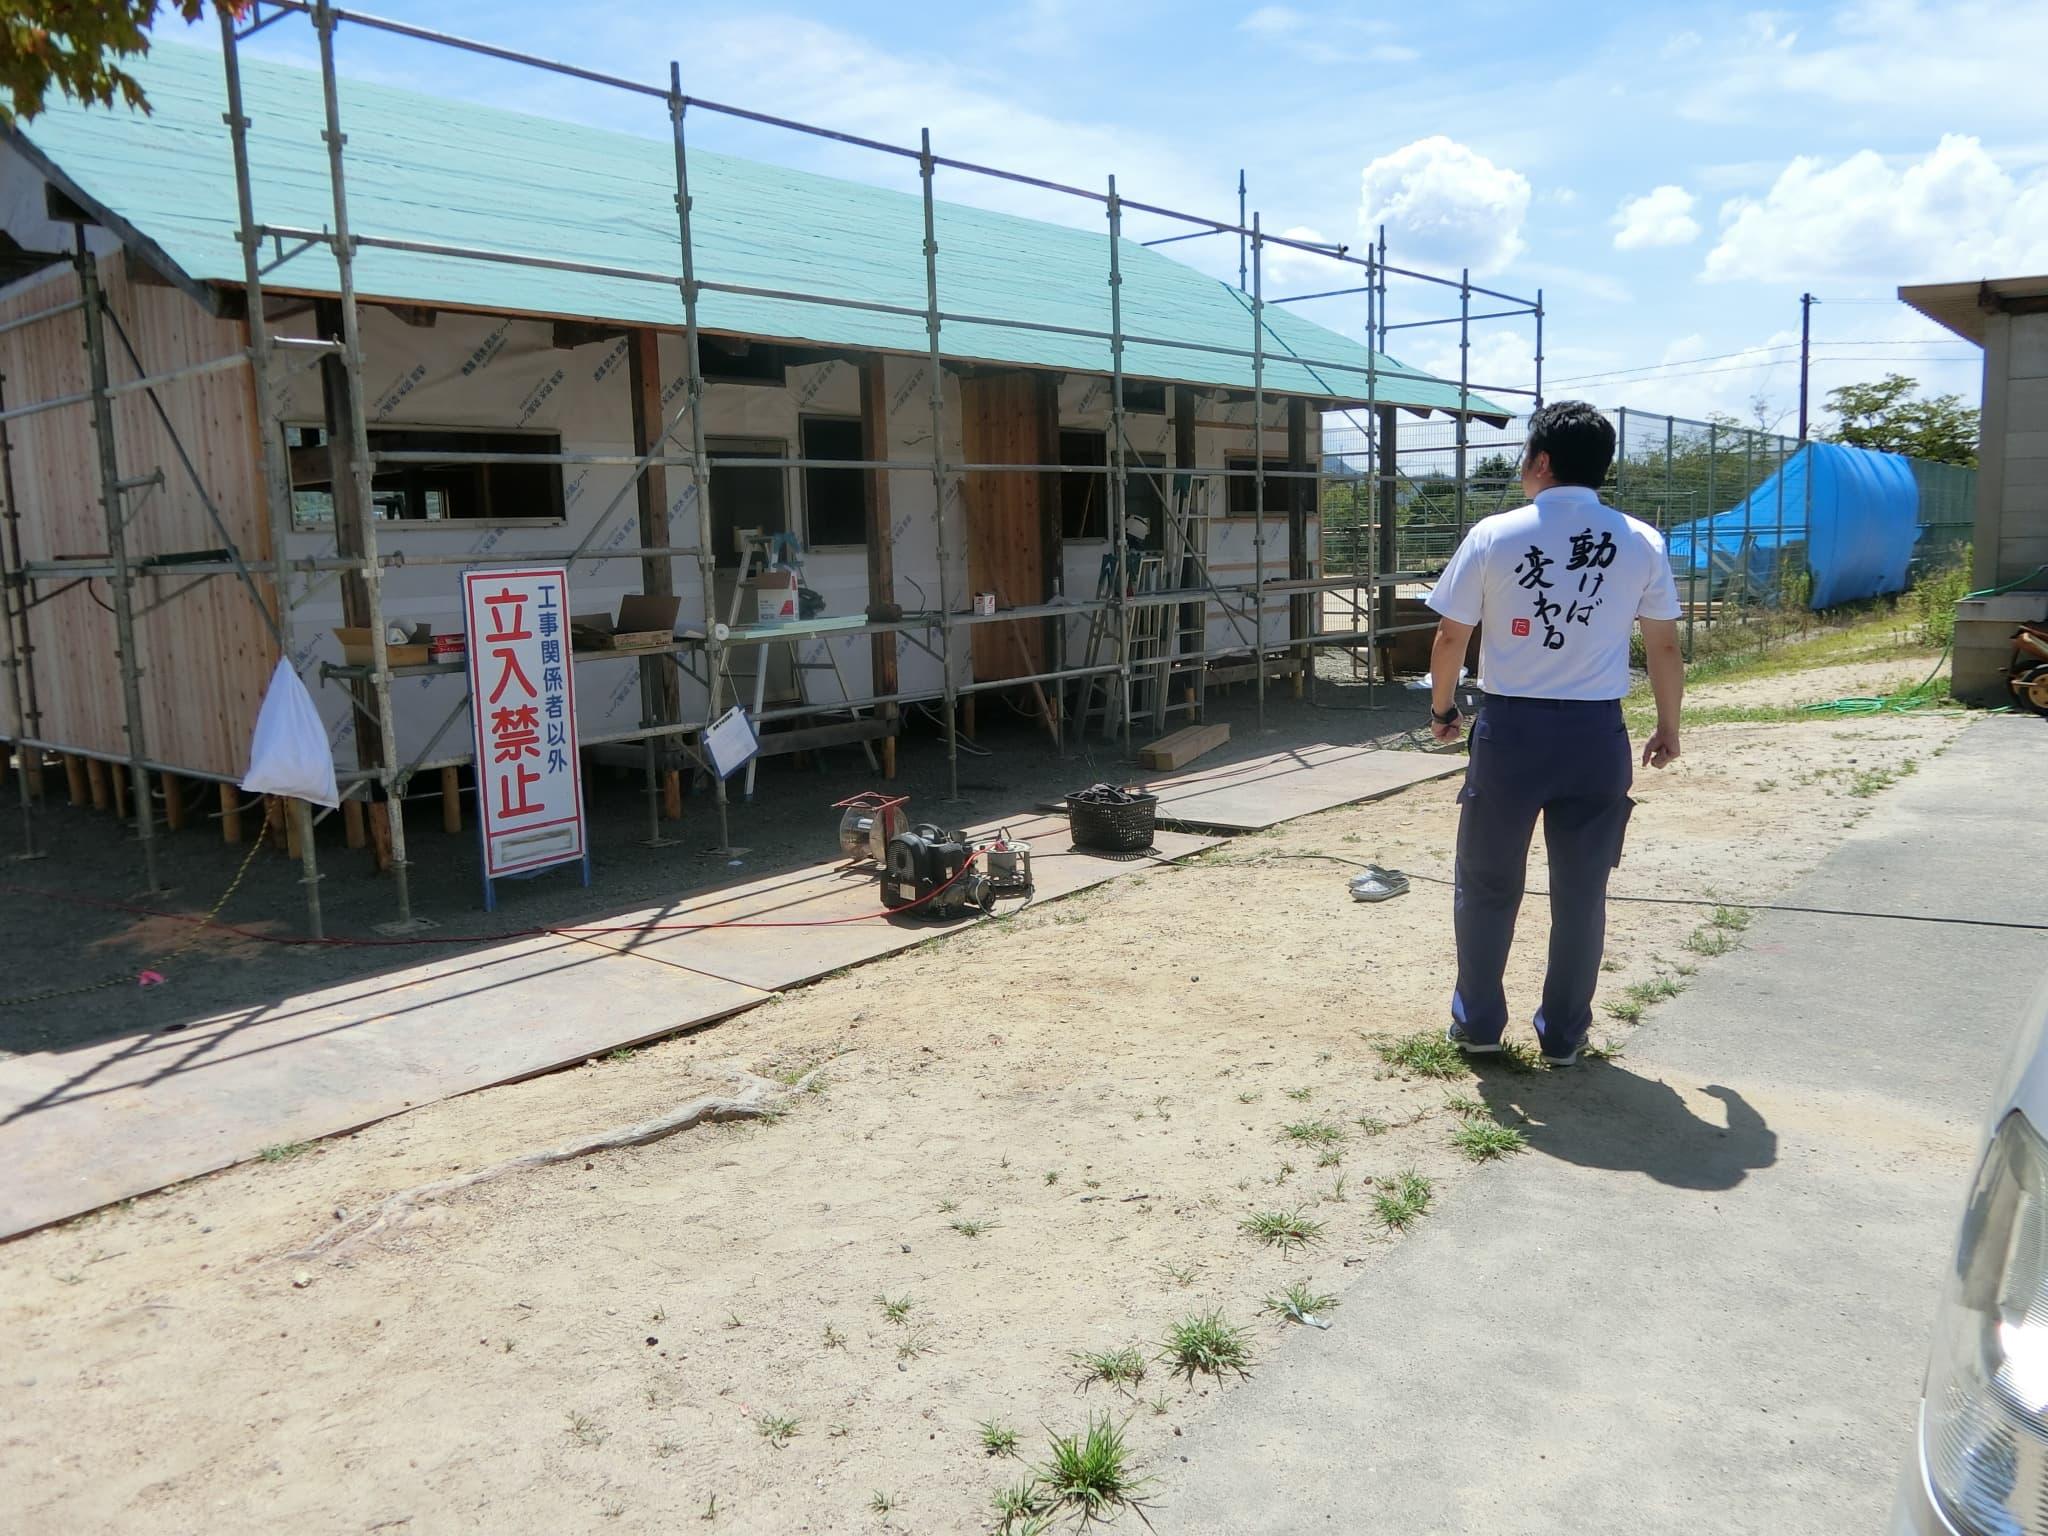 総社市で着工が始まった仮設住宅の建設現場を見てきました。